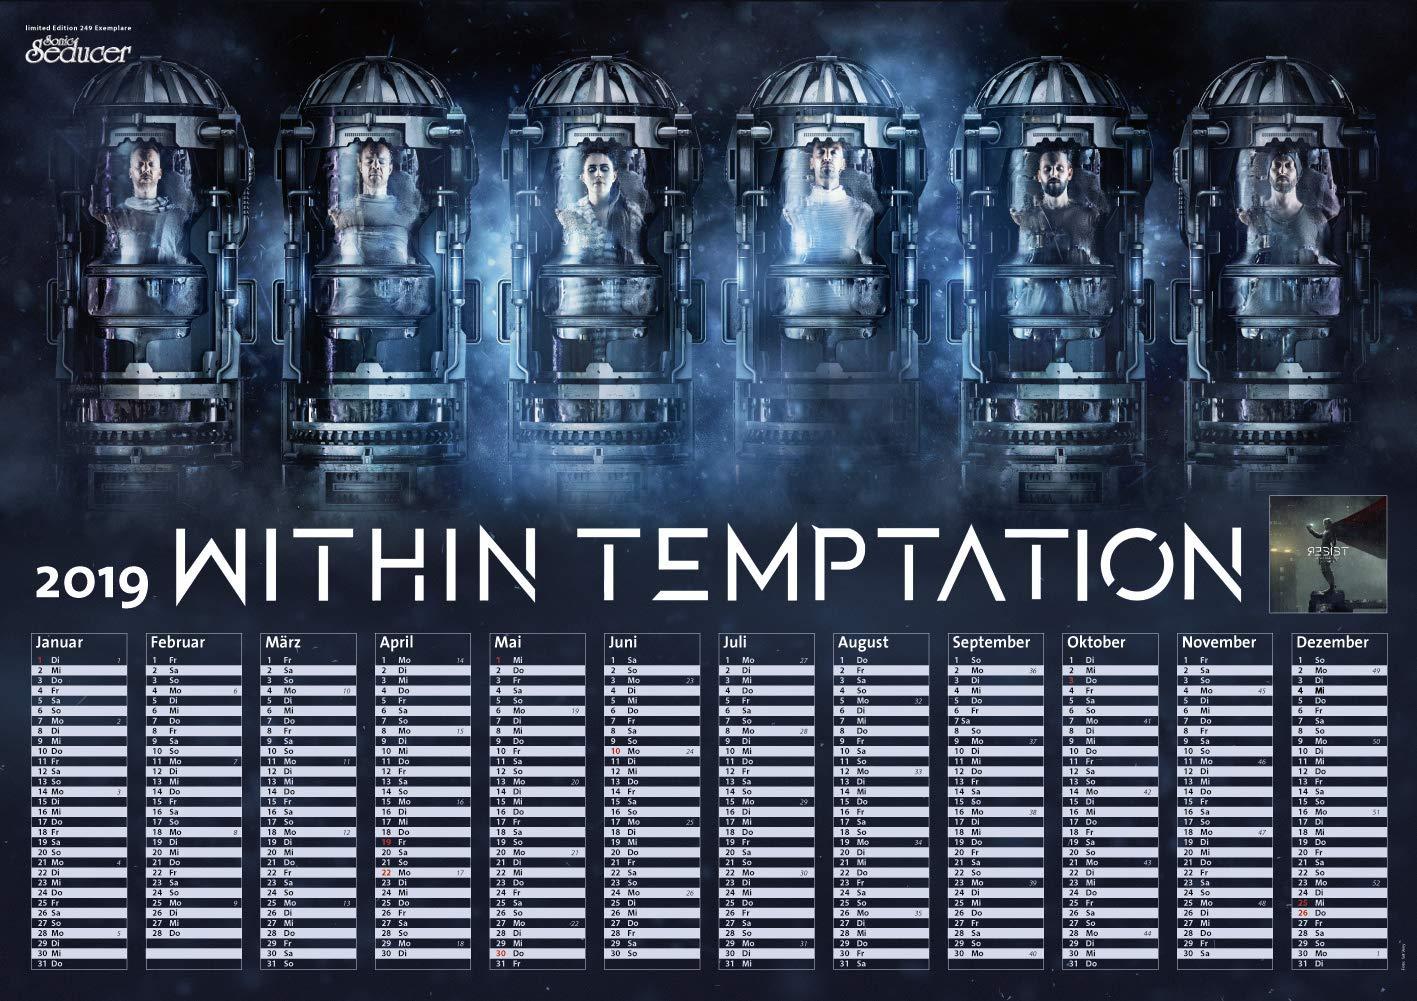 sonic seducer limited edition 12 2018 01 2019 titelstory within temptation gothic fetisch kalender im xxl format cd mit 3 stunden spielzeit